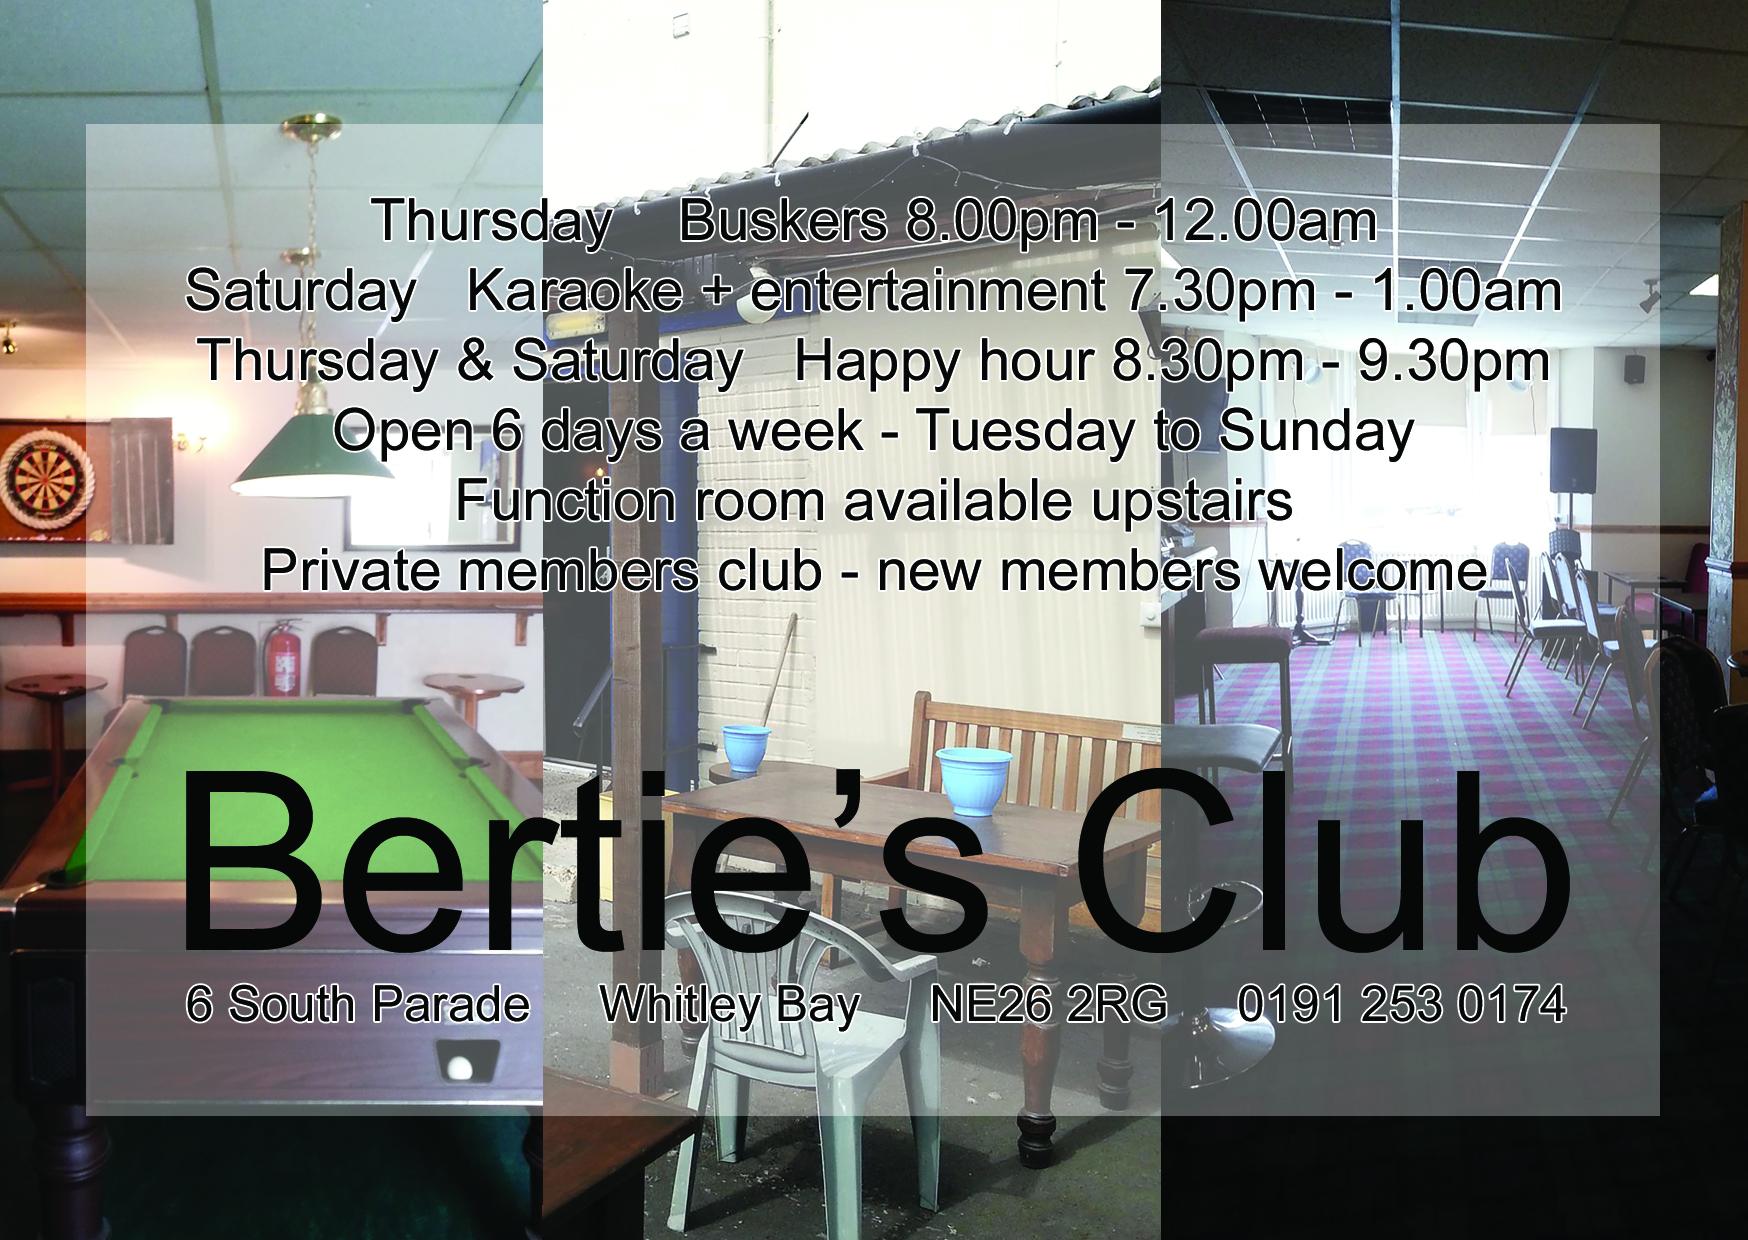 Bertie's Club programme advert 2017